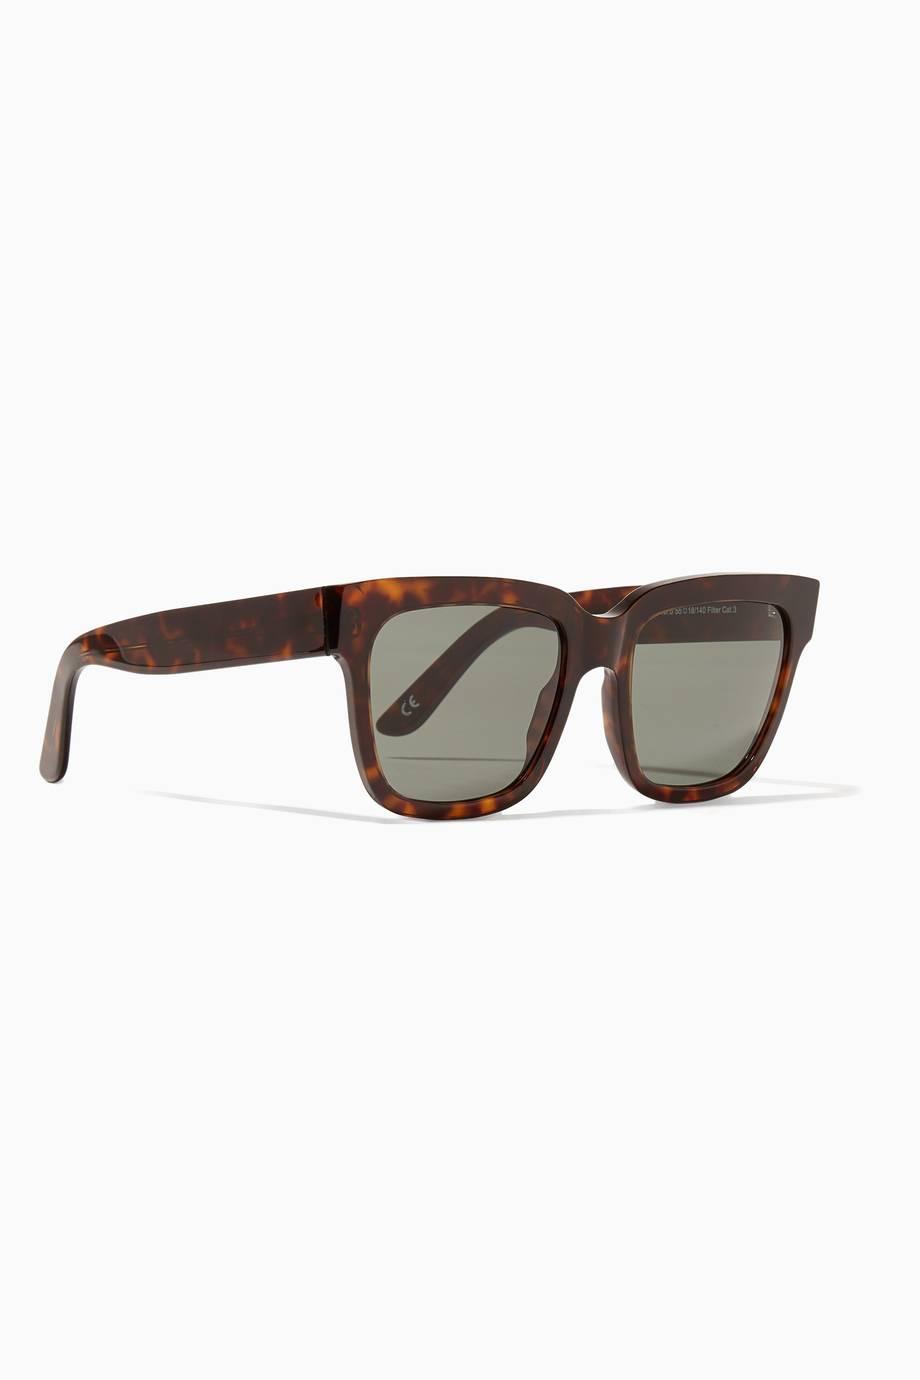 337696d6f تسوق نظارات شمسية فيكتوريا إطار مربع كبيرة بني من اندي وولف | اُناس ...